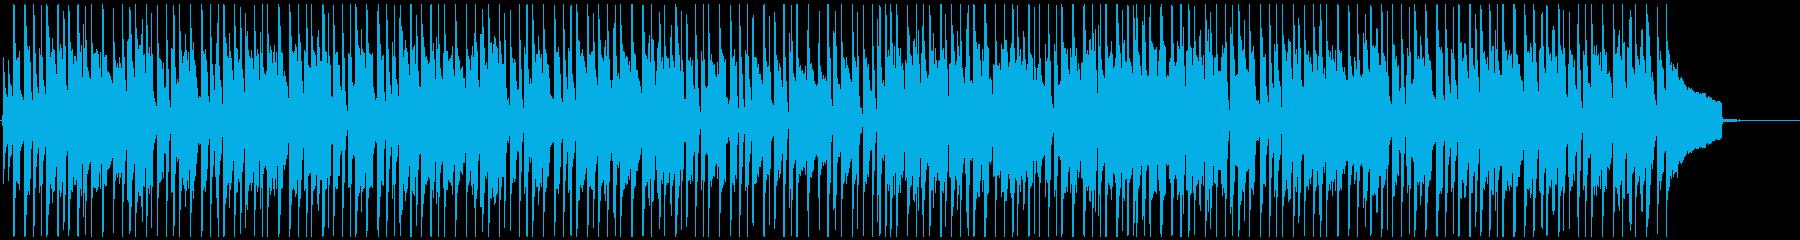 明るく軽快なリズムの和風・日本風ポップスの再生済みの波形